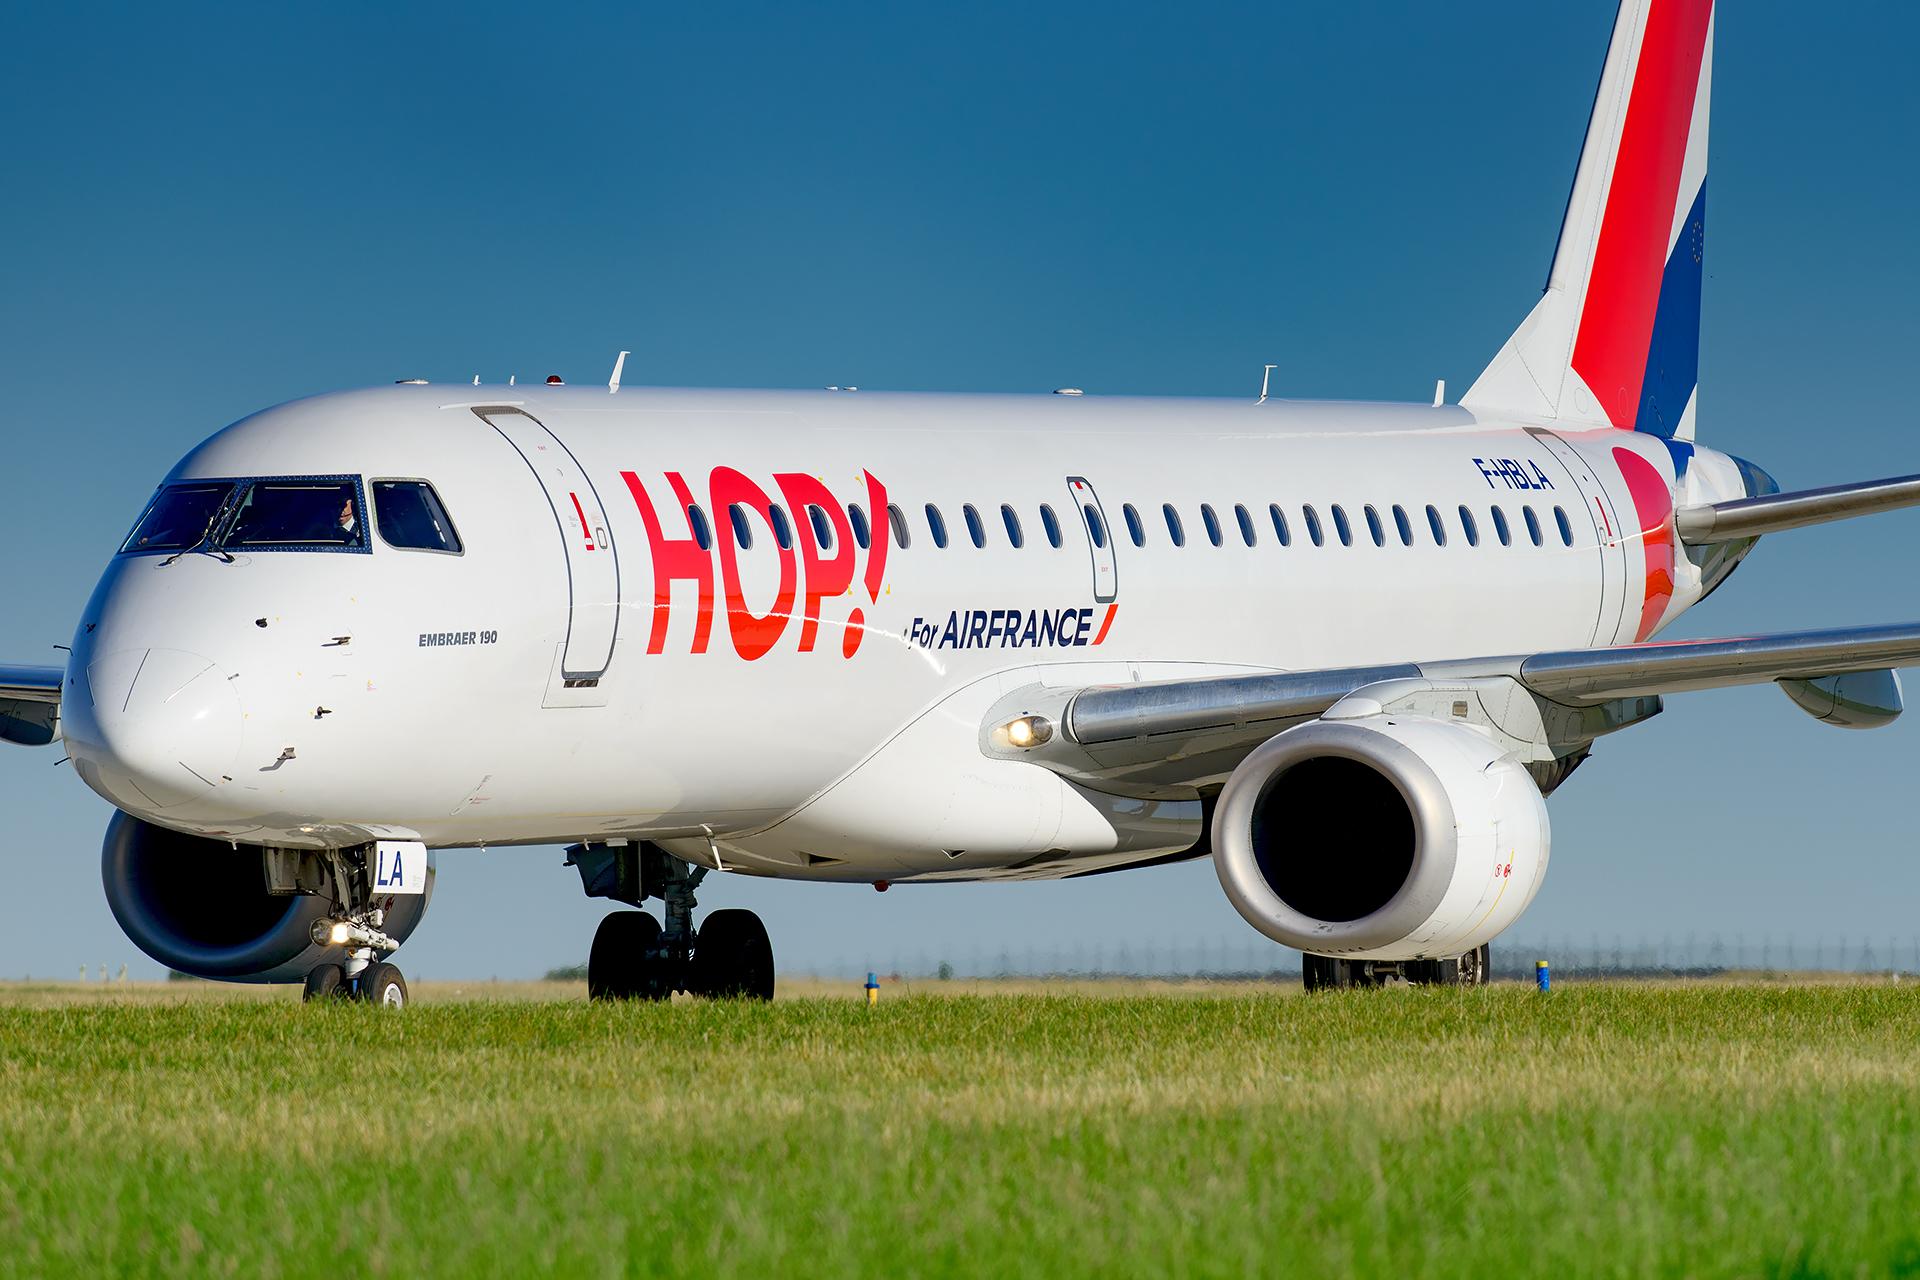 Embraer 190 HOP! Air France F-HBLA